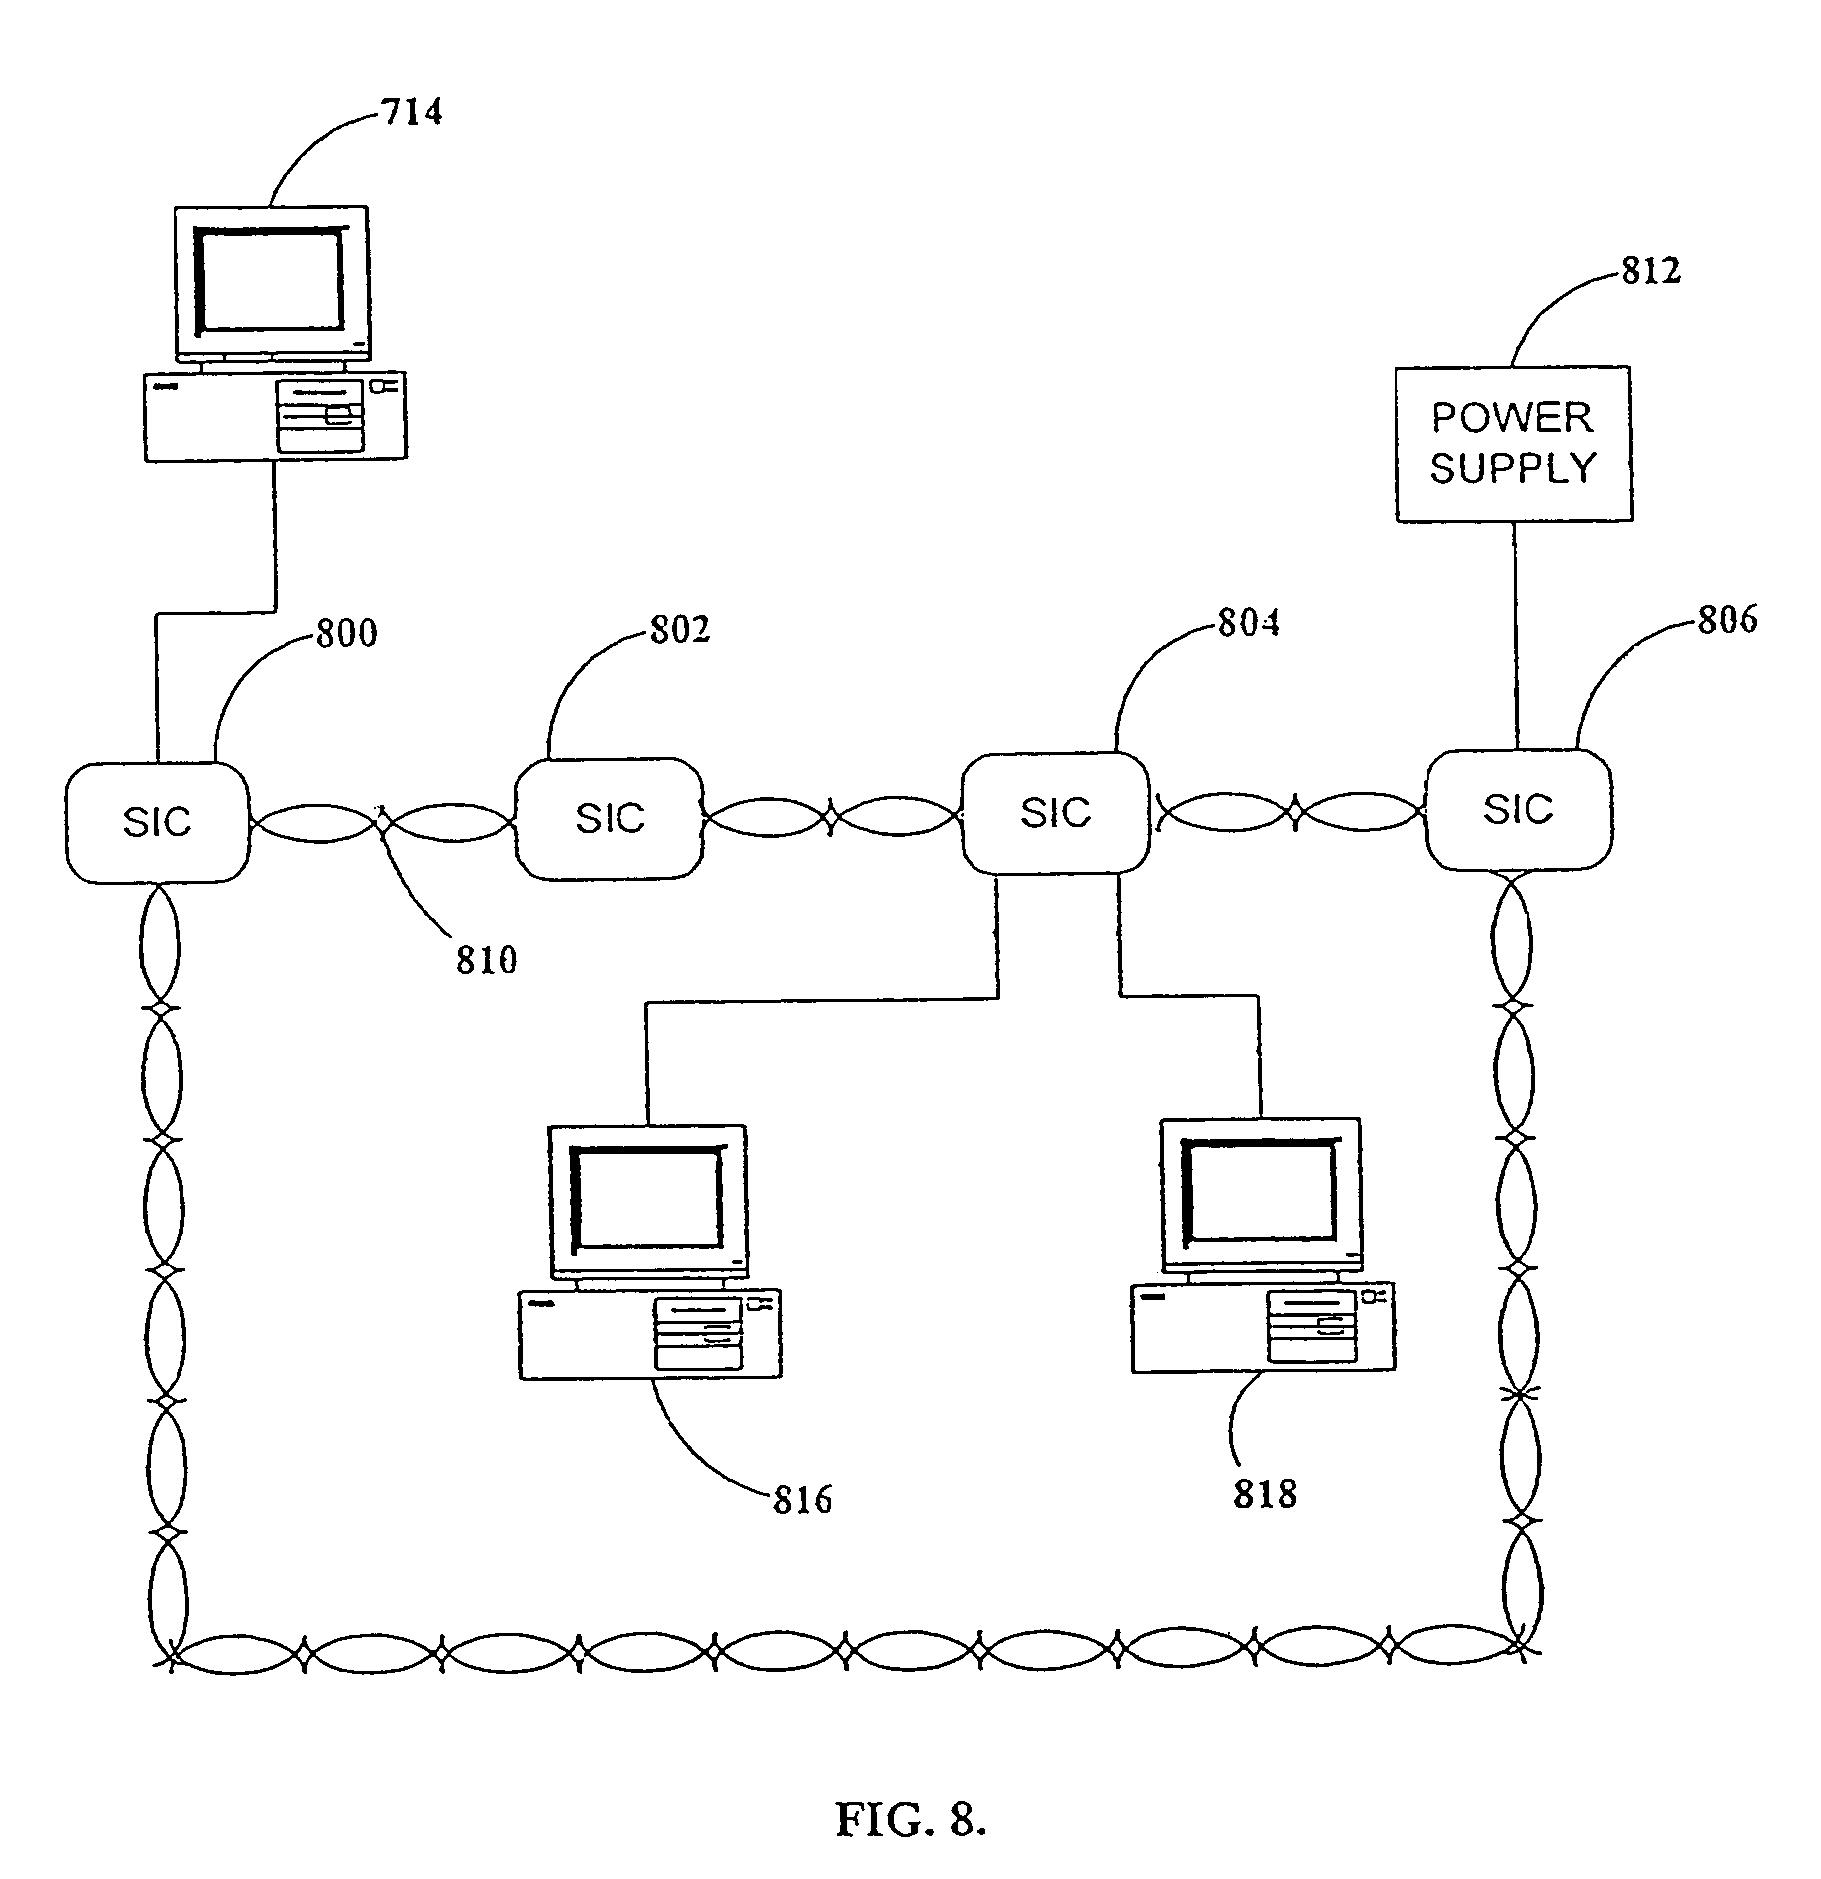 rj11 wiring diagram duplex operation schematic diagramrj11 wiring diagram duplex operation schematics wiring diagram rj11 wiring color code patent us 8,885,659 b2